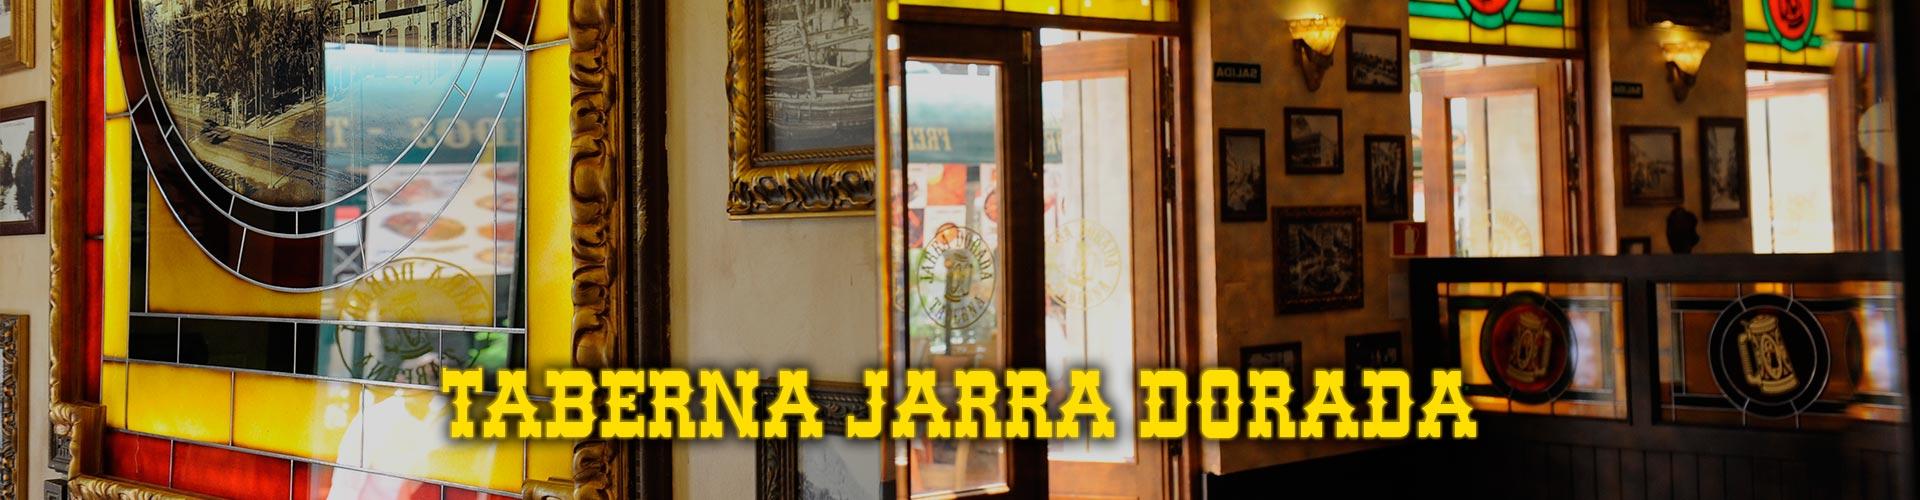 slide-jarra-dorada